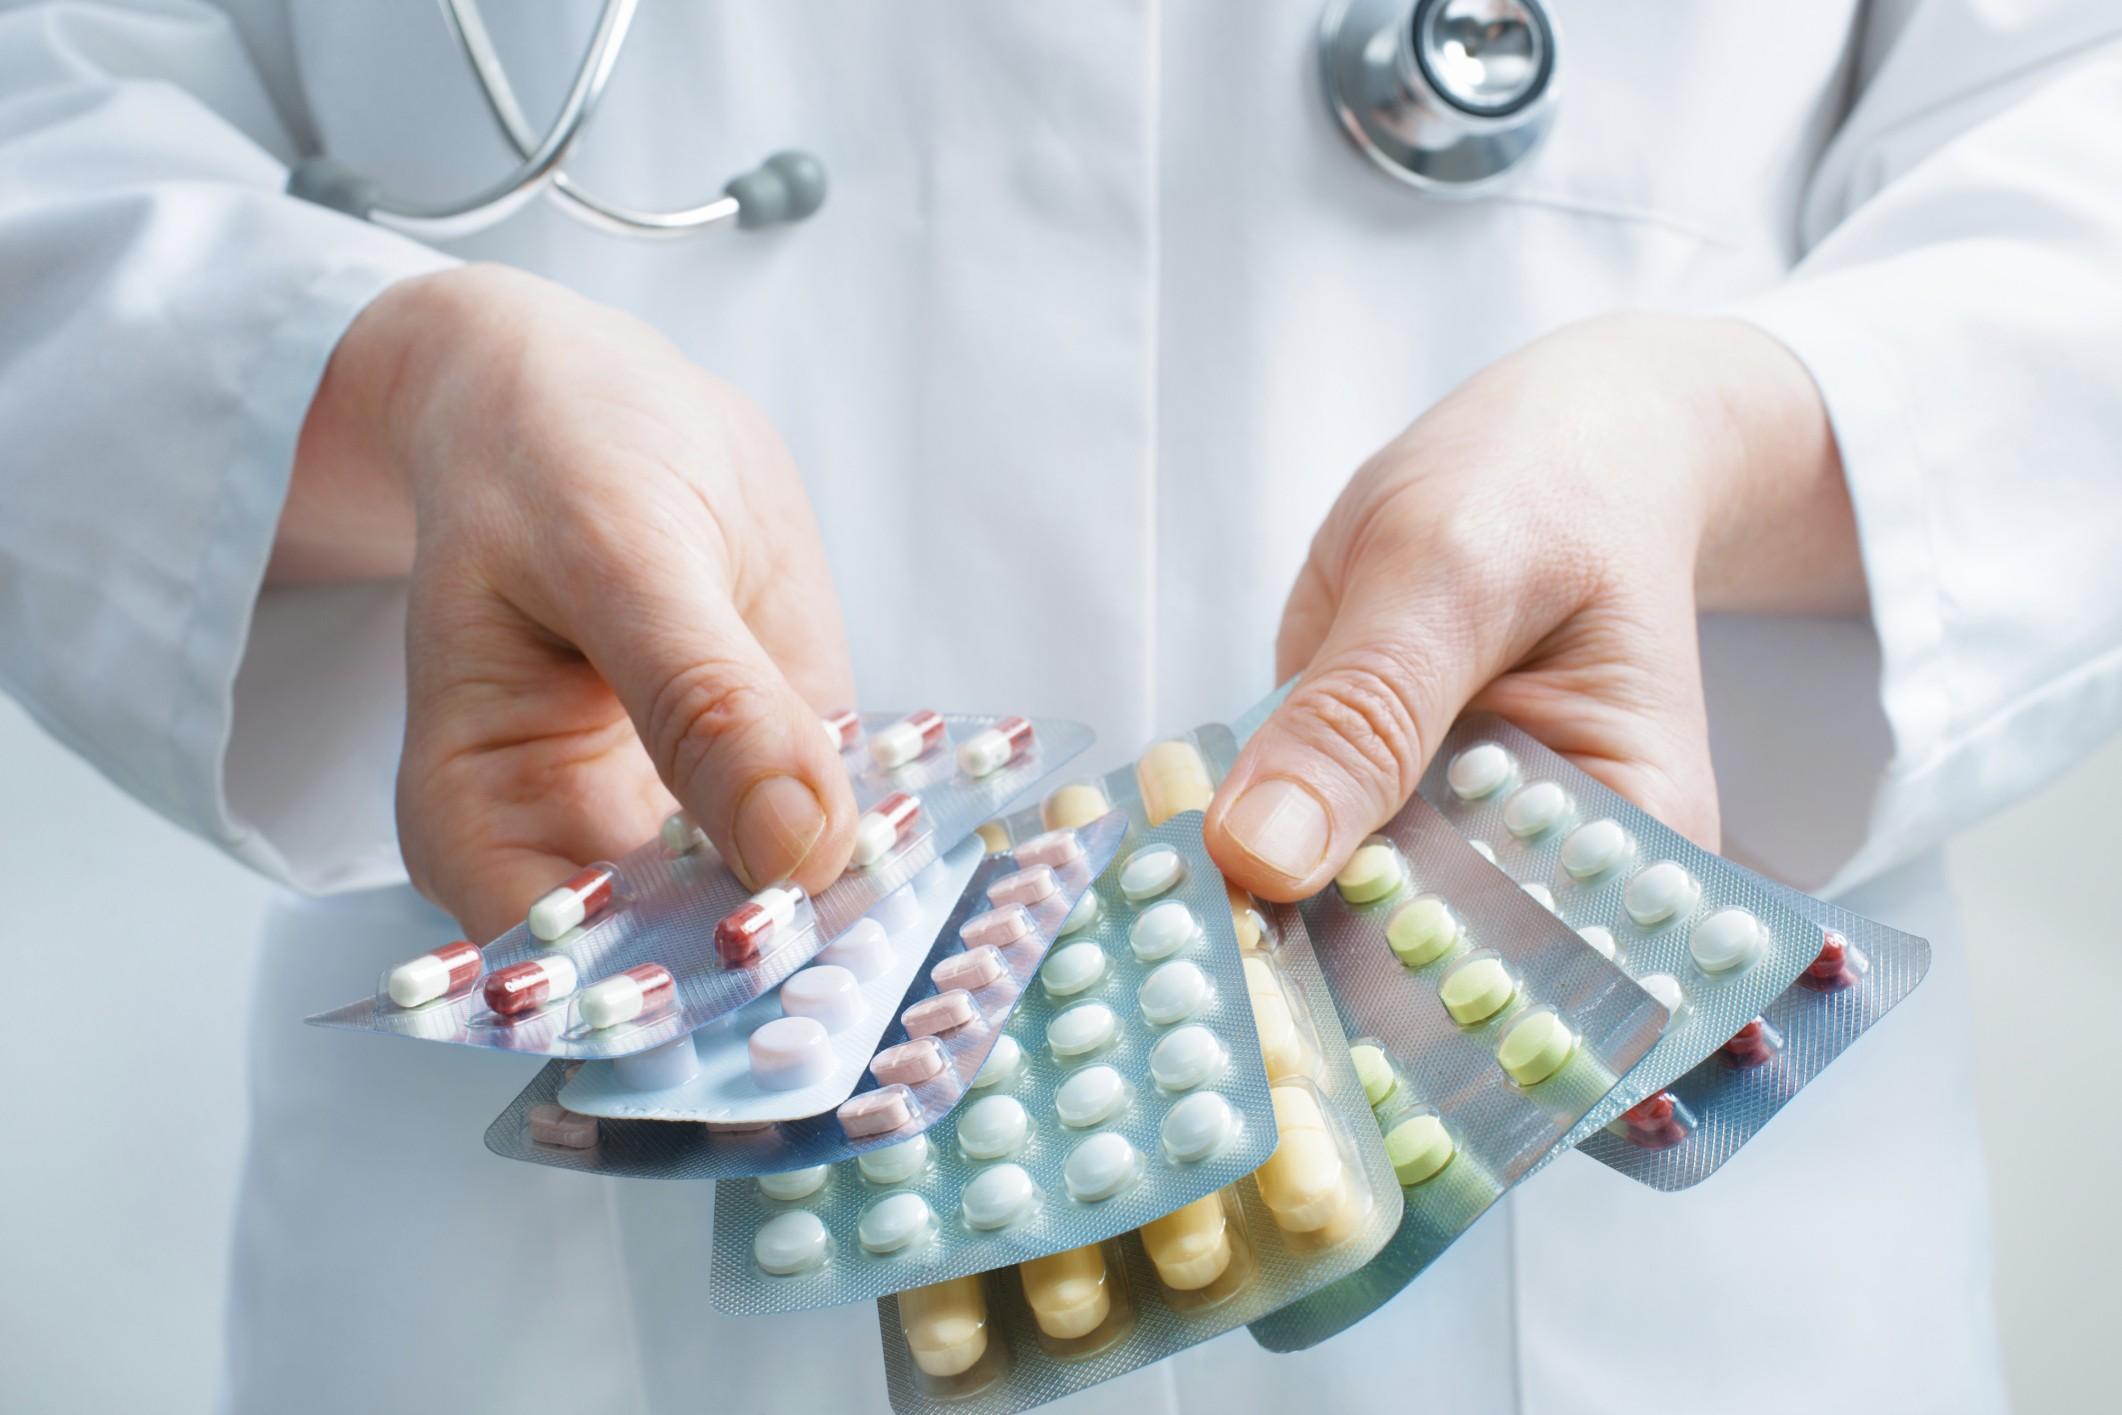 Hoje, a sibutramina só pode ser usada por pessoas com Índice de Massa Corporal (IMC) igual ou acima de 30 e sem problemas cardíacos (Foto: Think Stock)